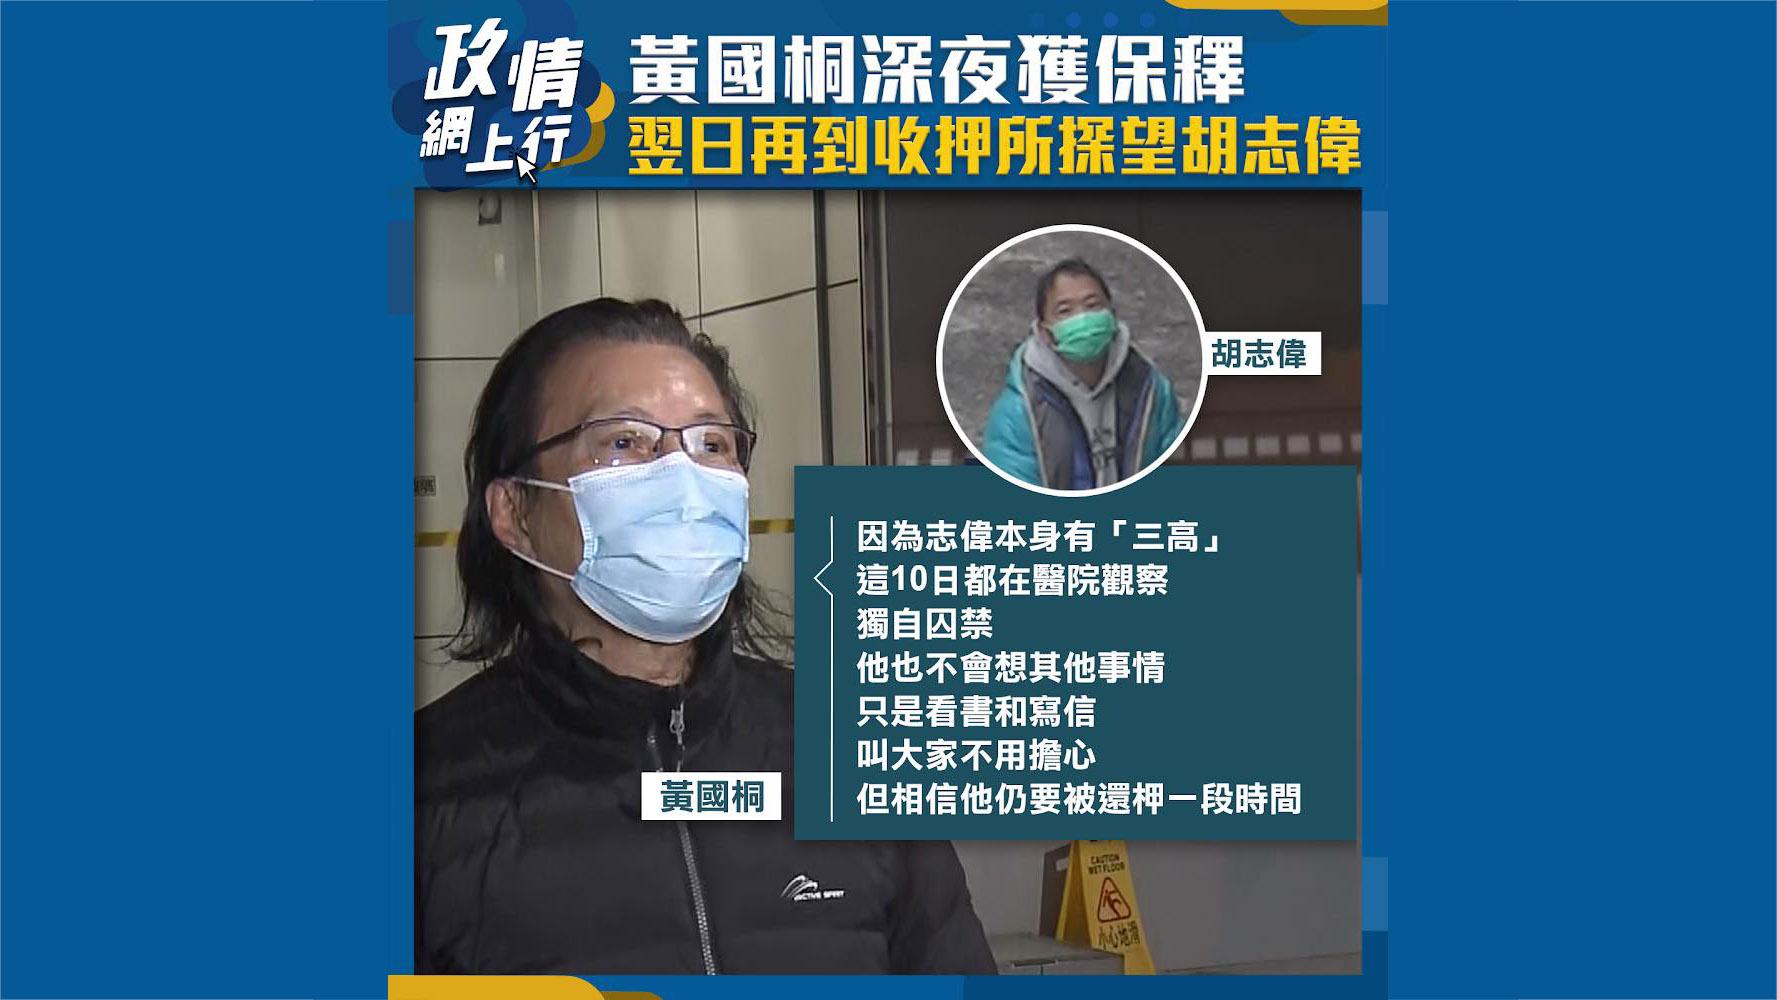 【政情網上行】黃國桐深夜獲保釋 翌日再到收押所探望胡志偉